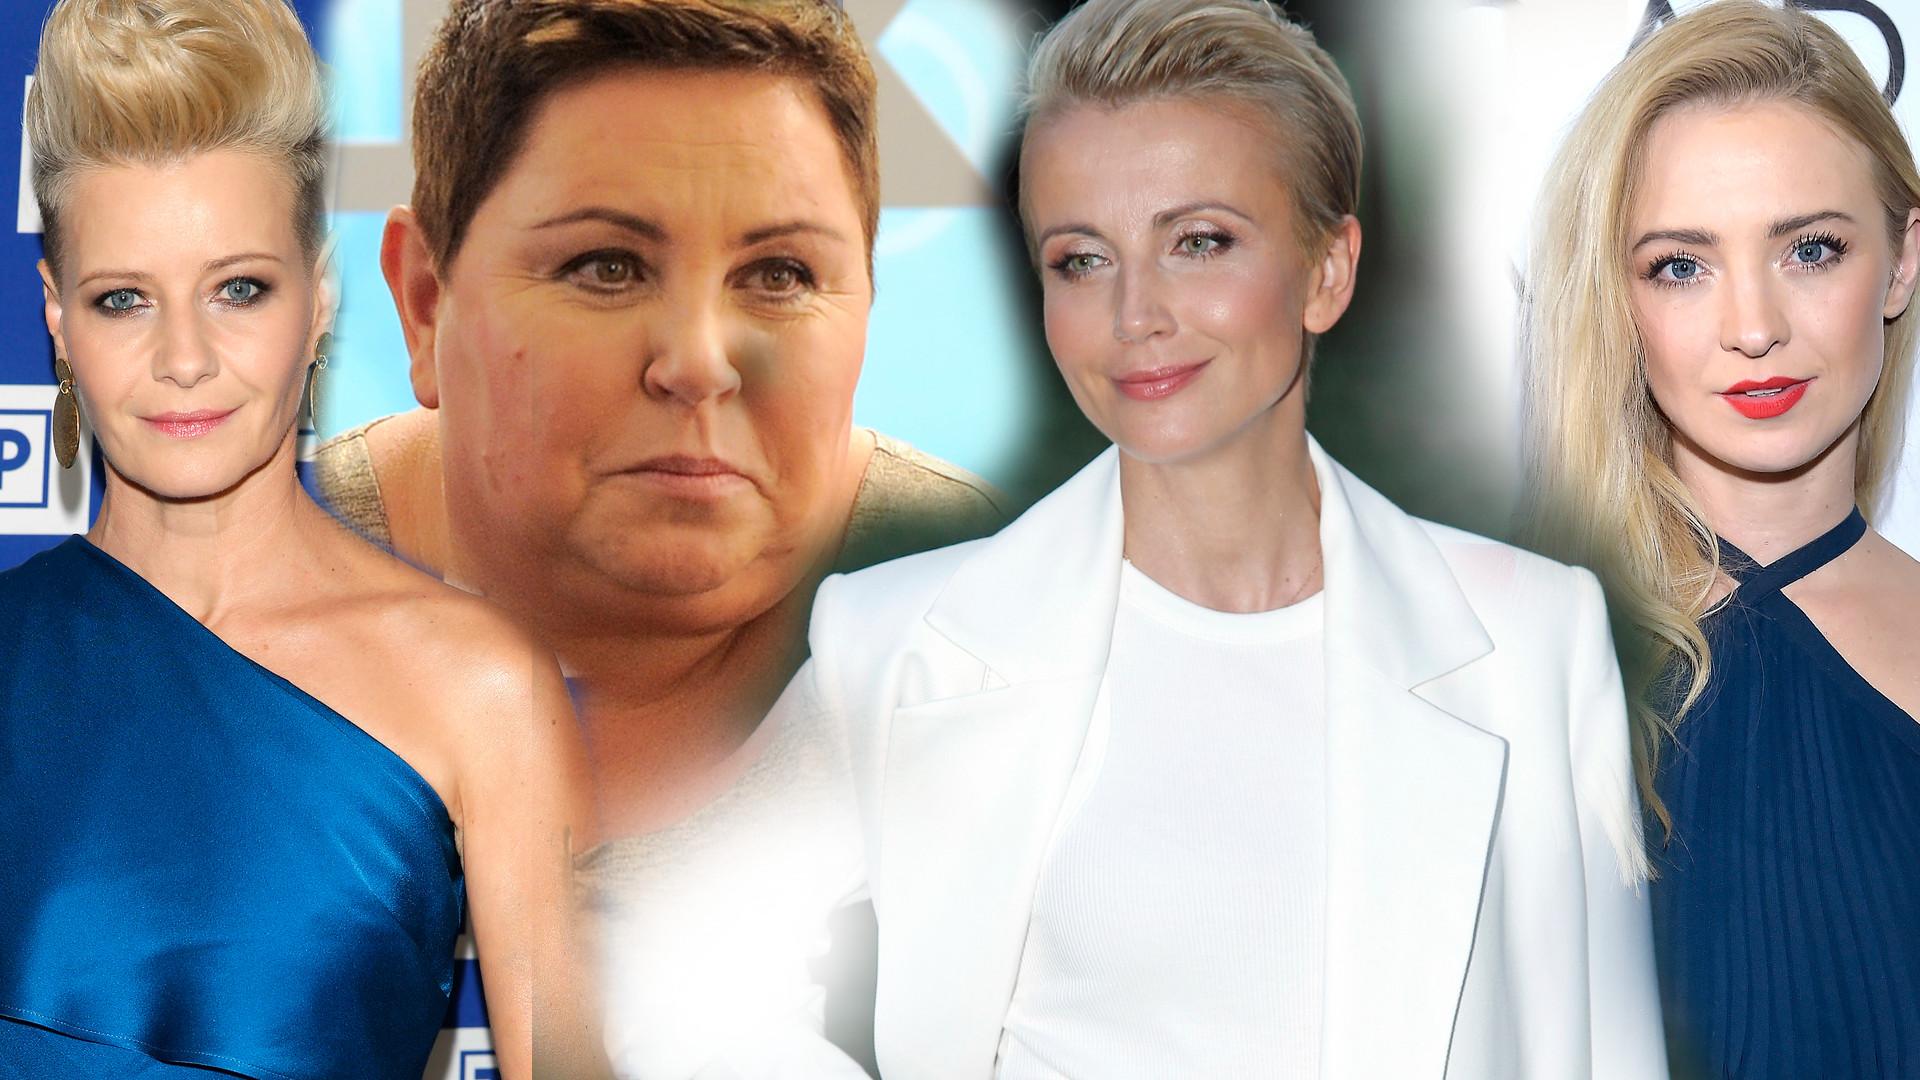 25 najcenniejszych polskich gwiazd 2018 roku! Ranking Forbesa